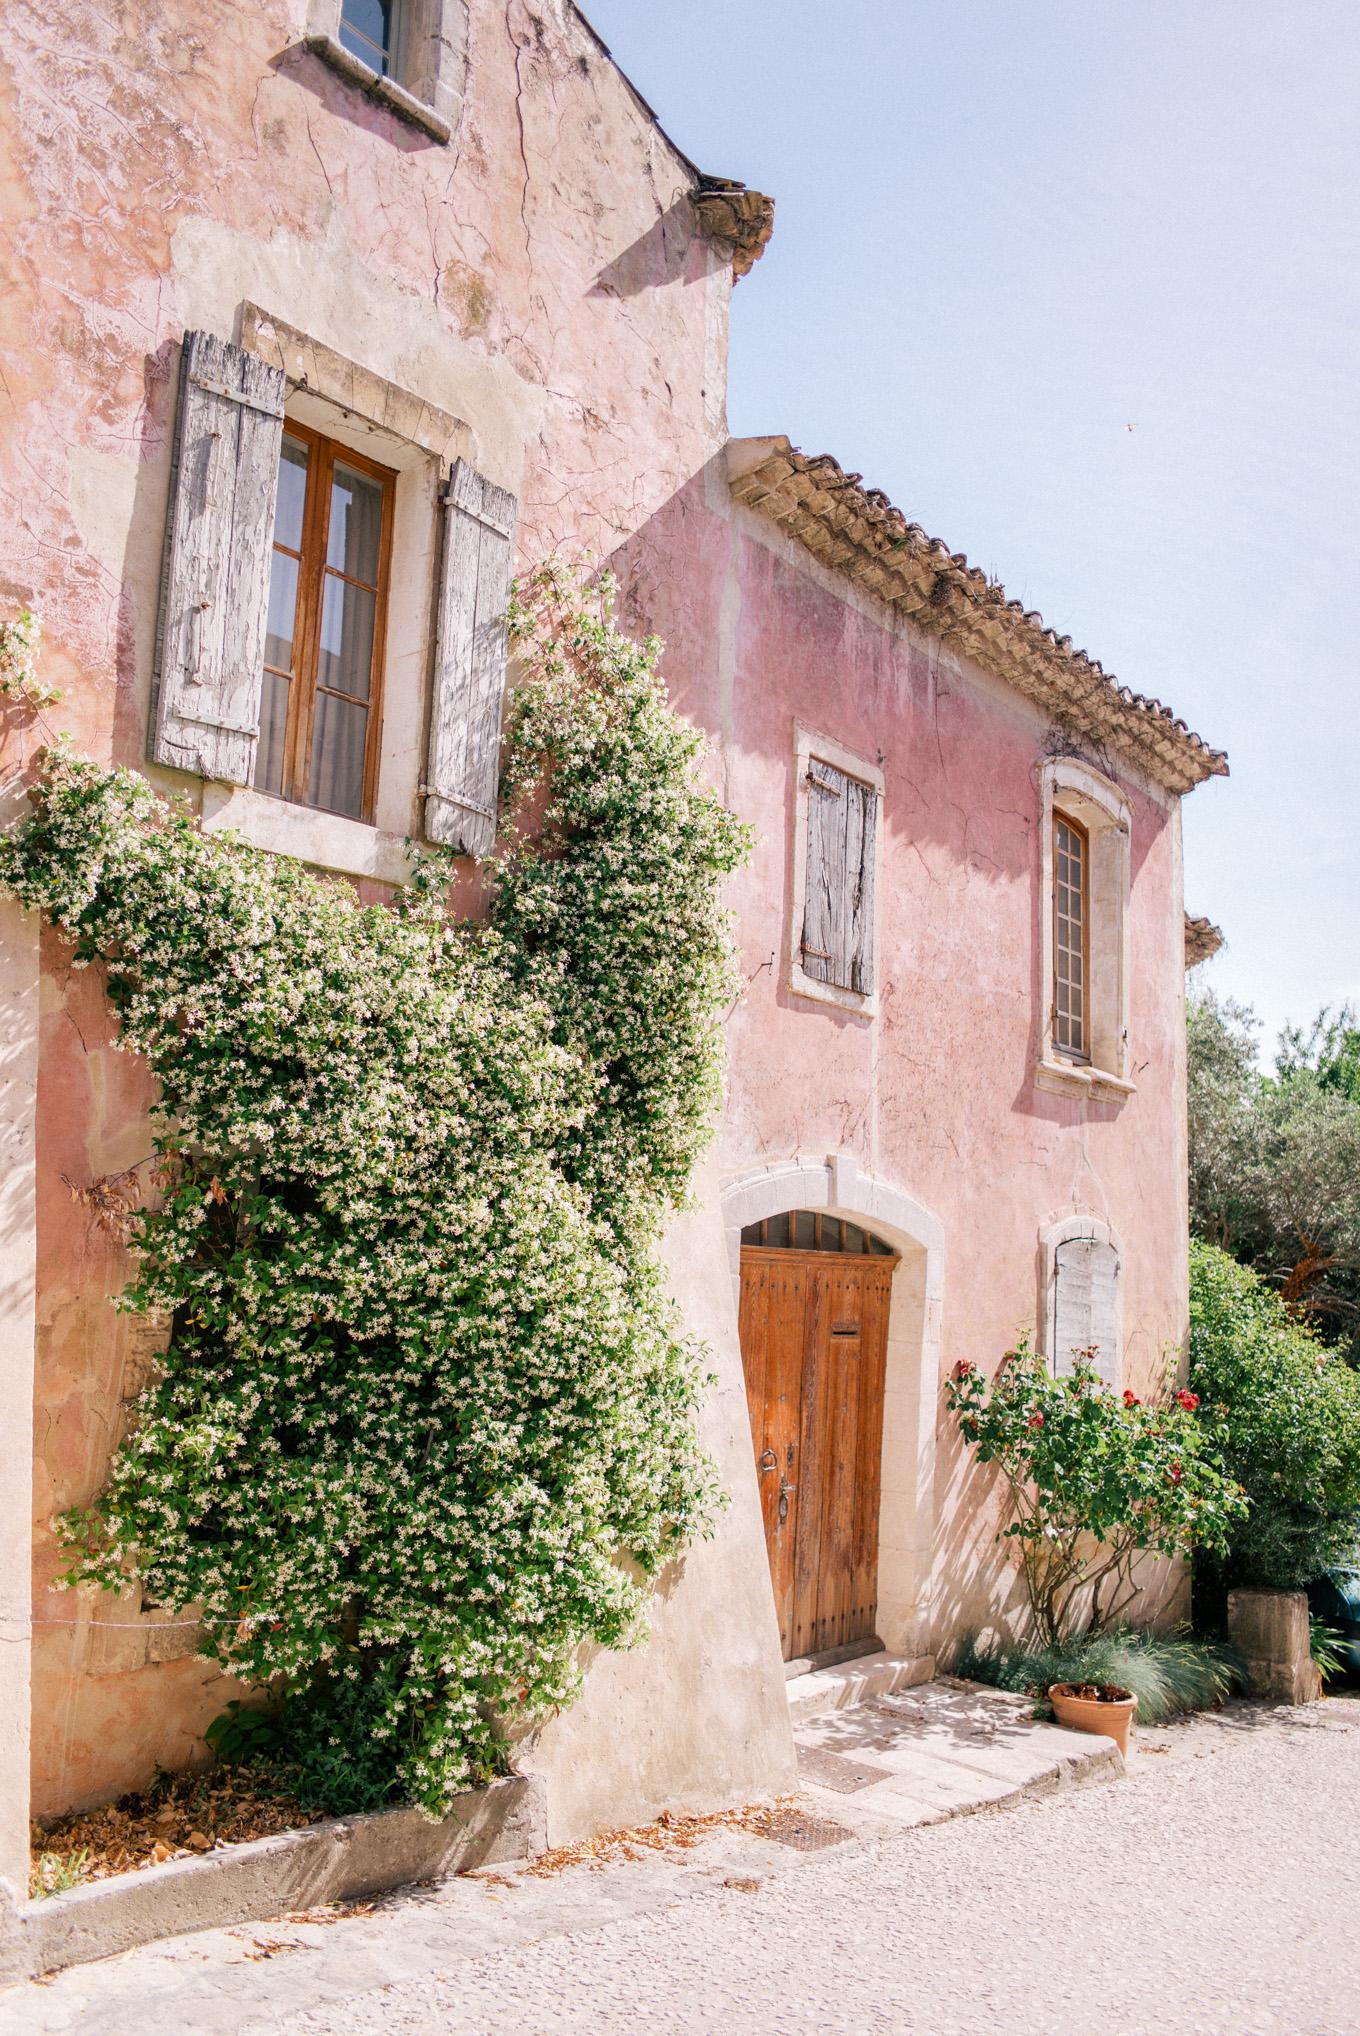 gmg-provence-france-villages-1008186